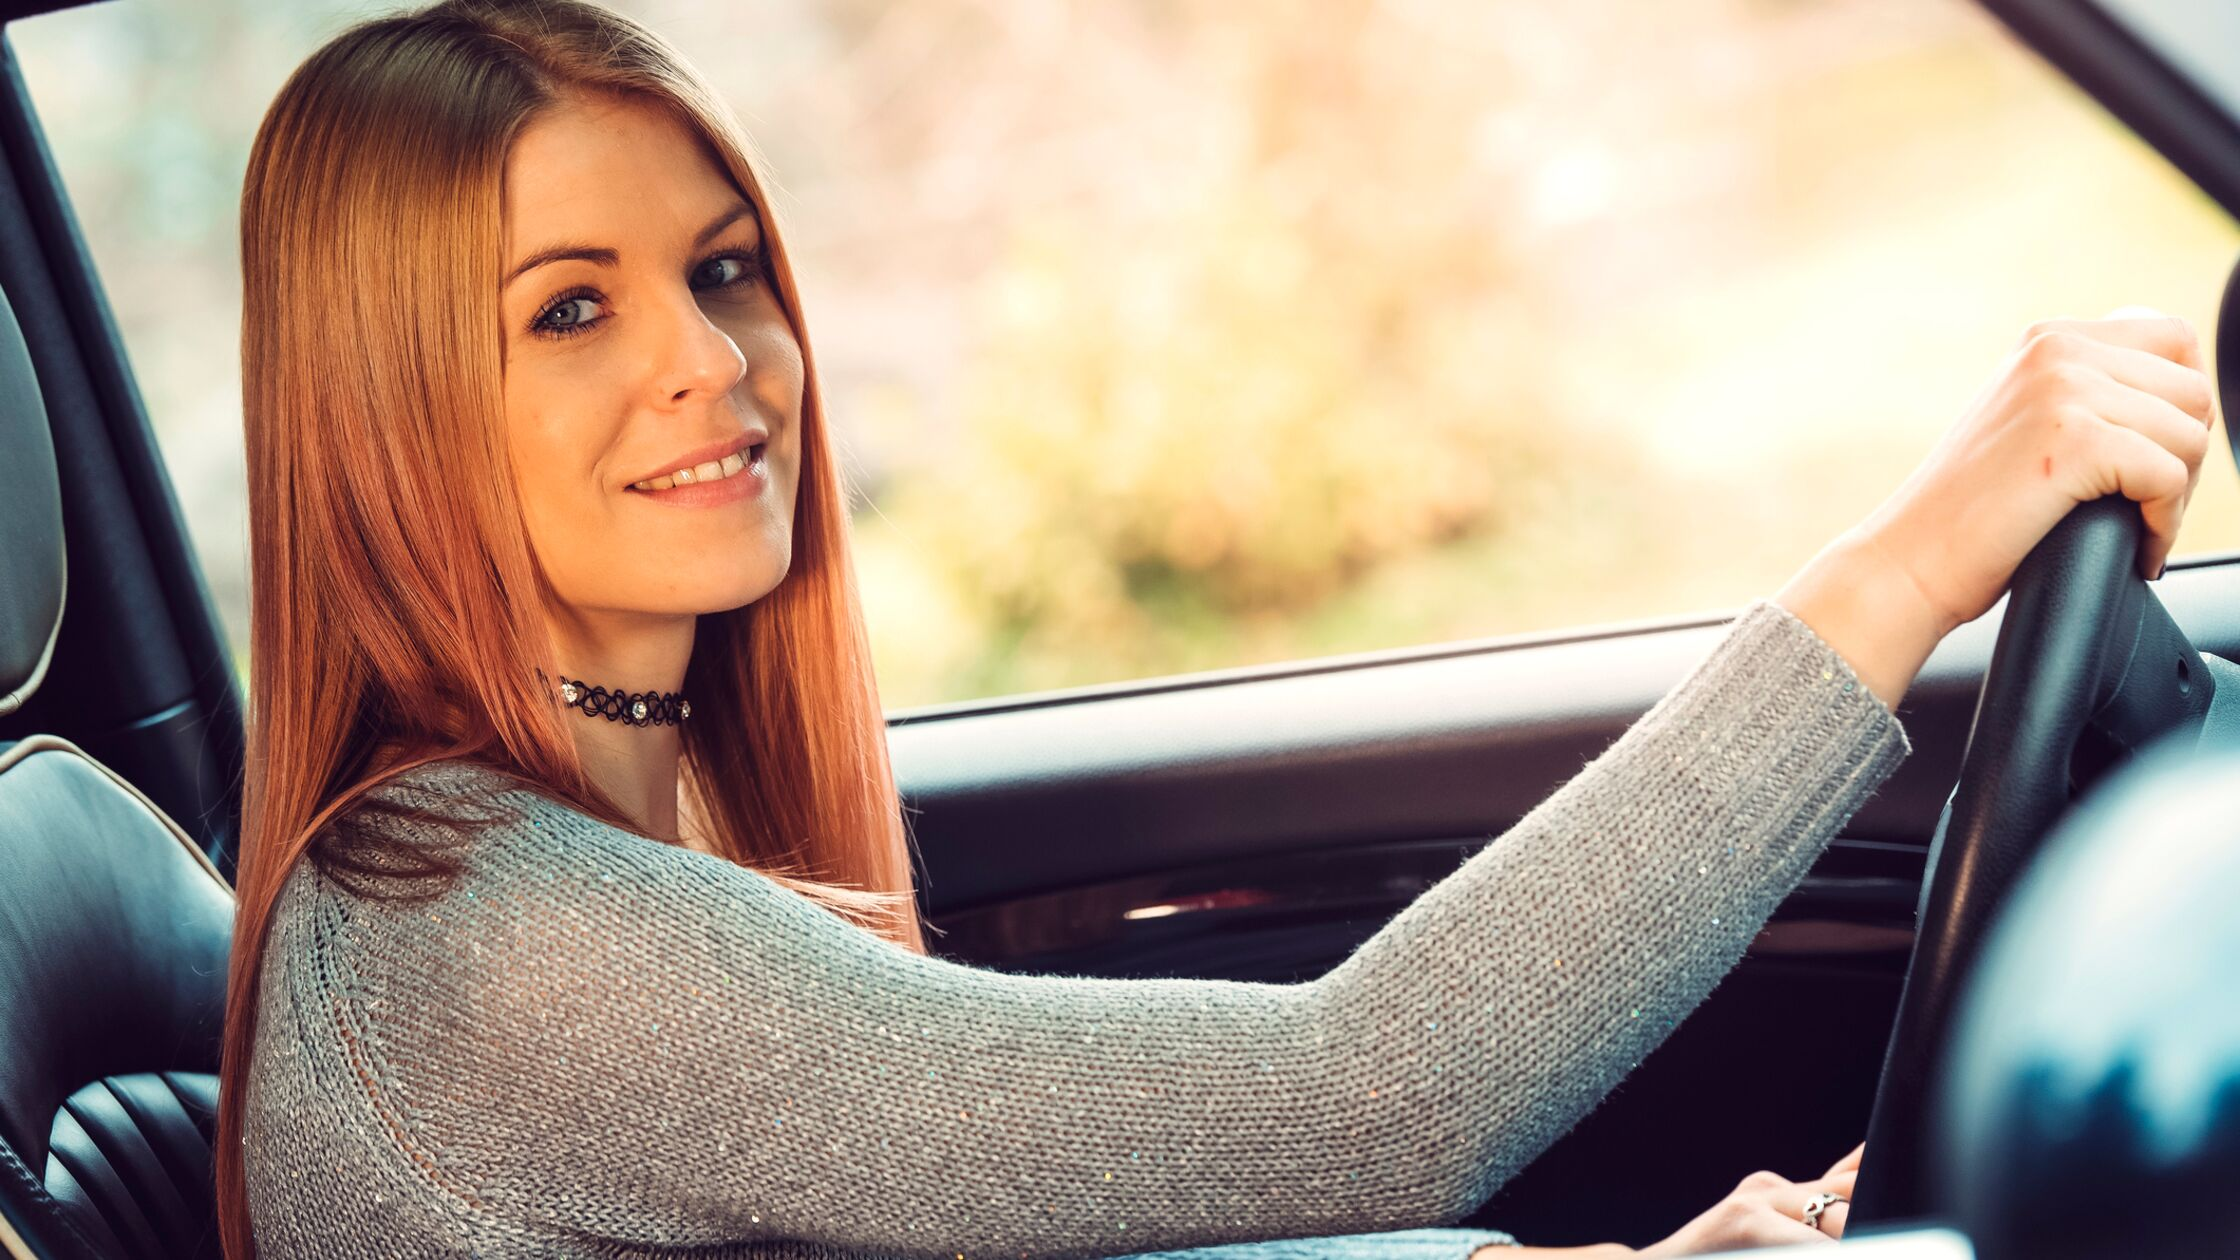 Frau sitzt hinter dem Steuer eines Autos